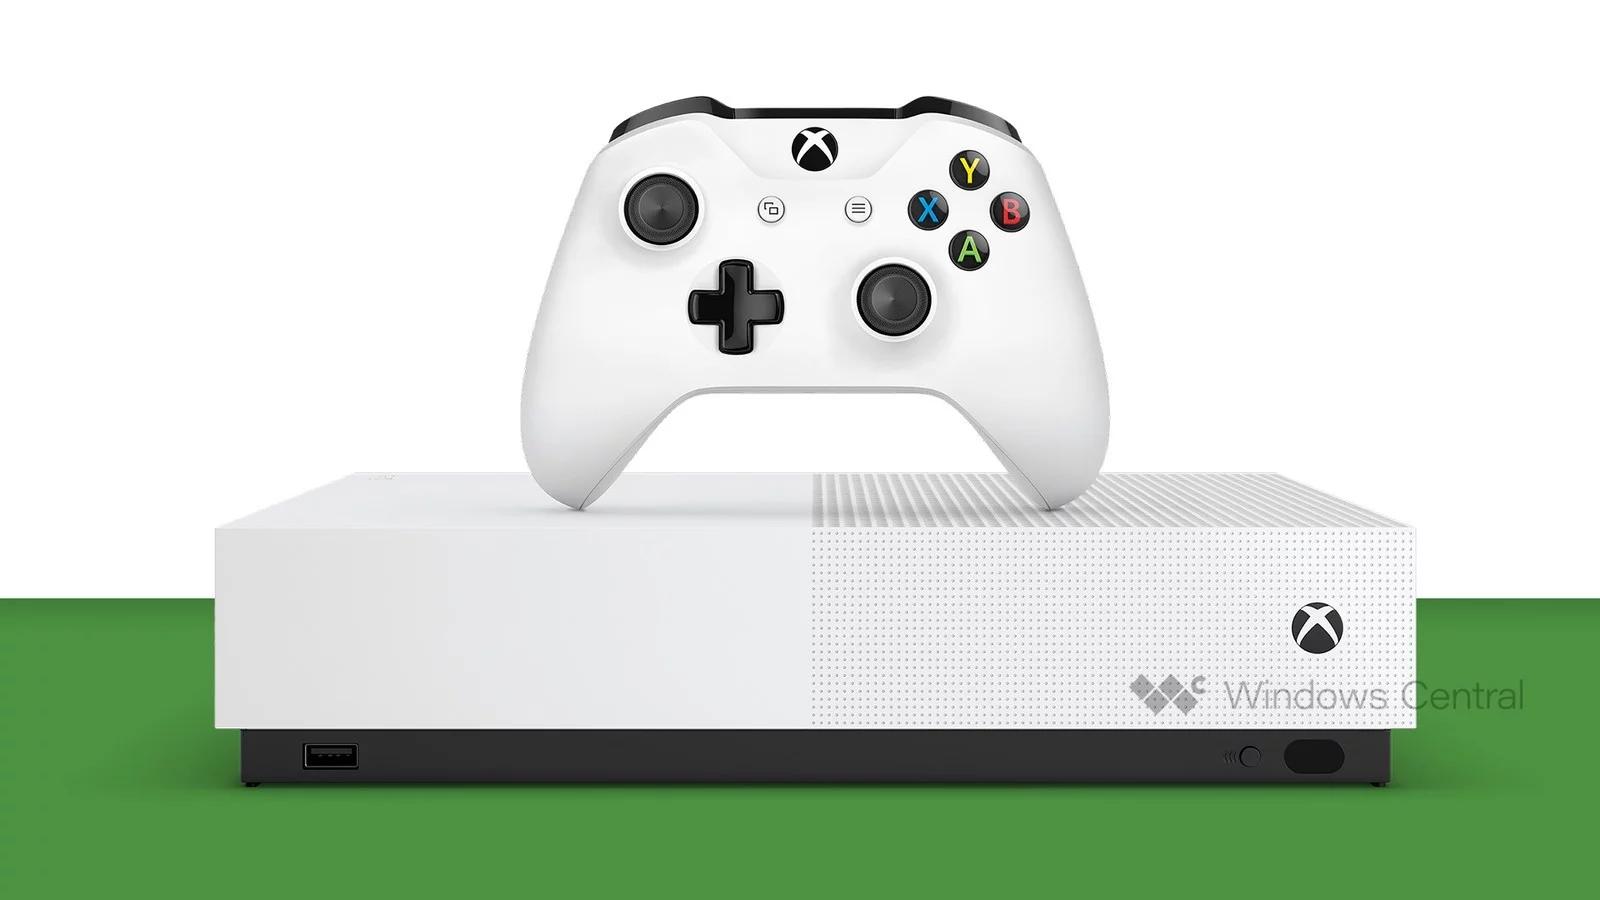 Des détails sur la Xbox One S digitale dévoilés ?